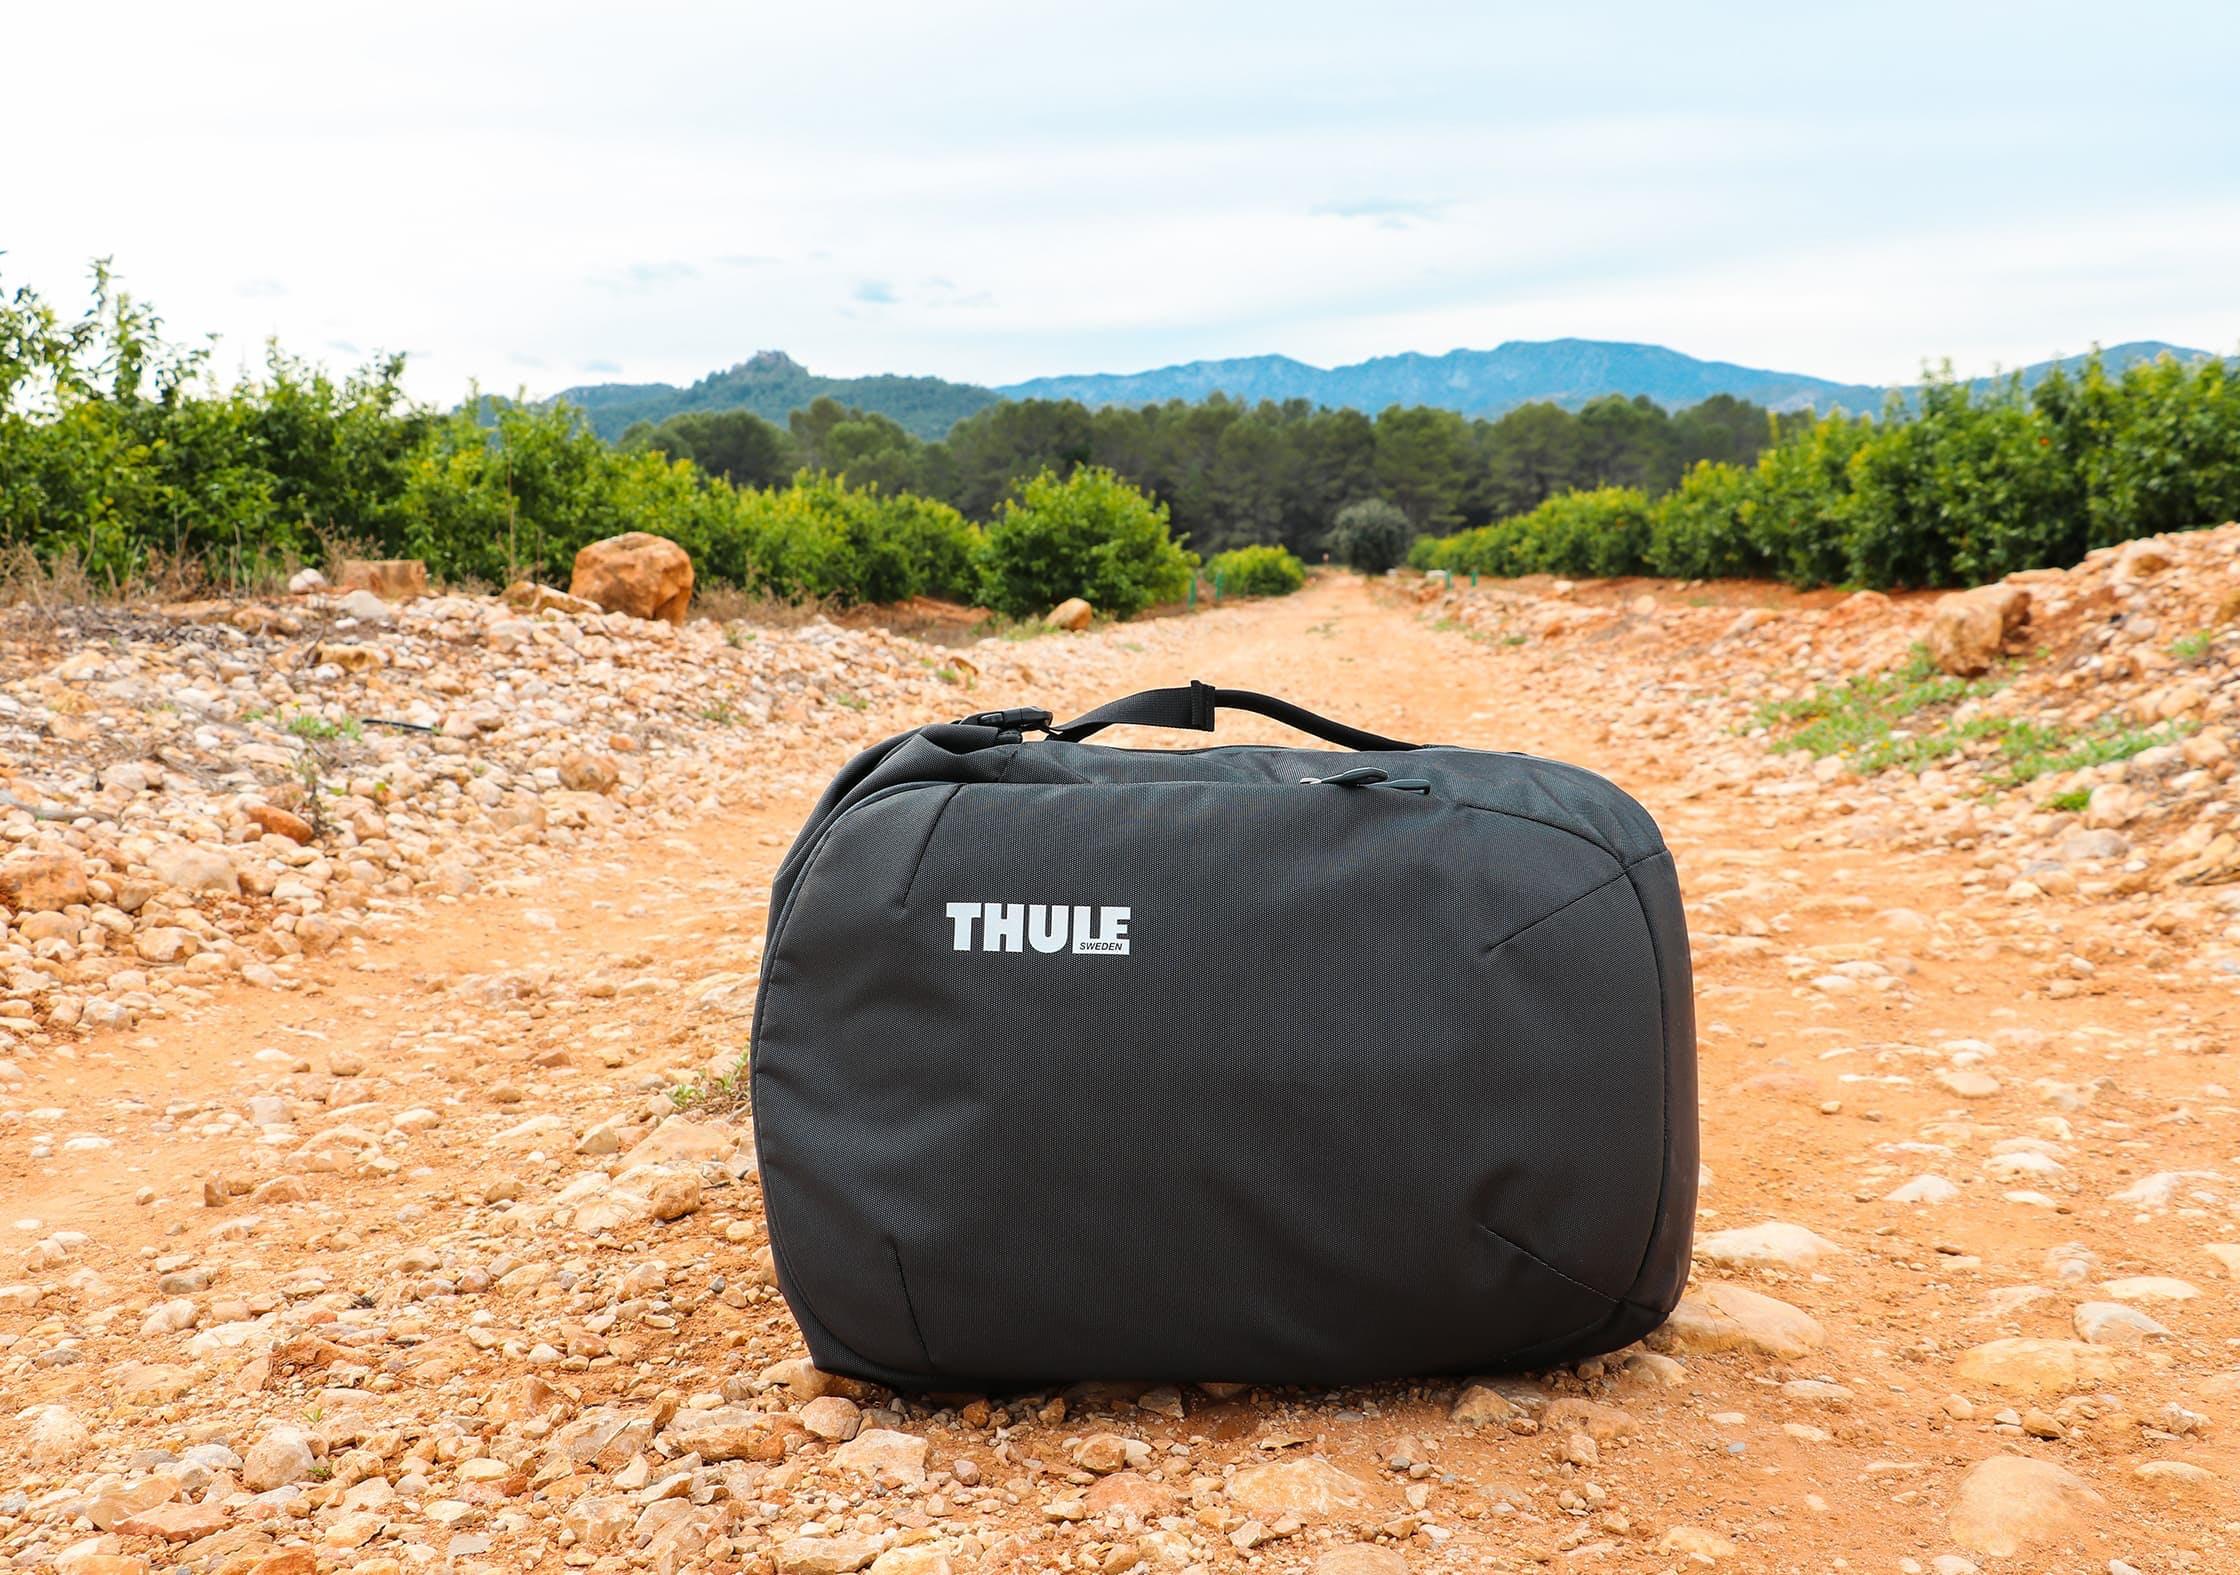 Thule Subterra 34L Side Handle